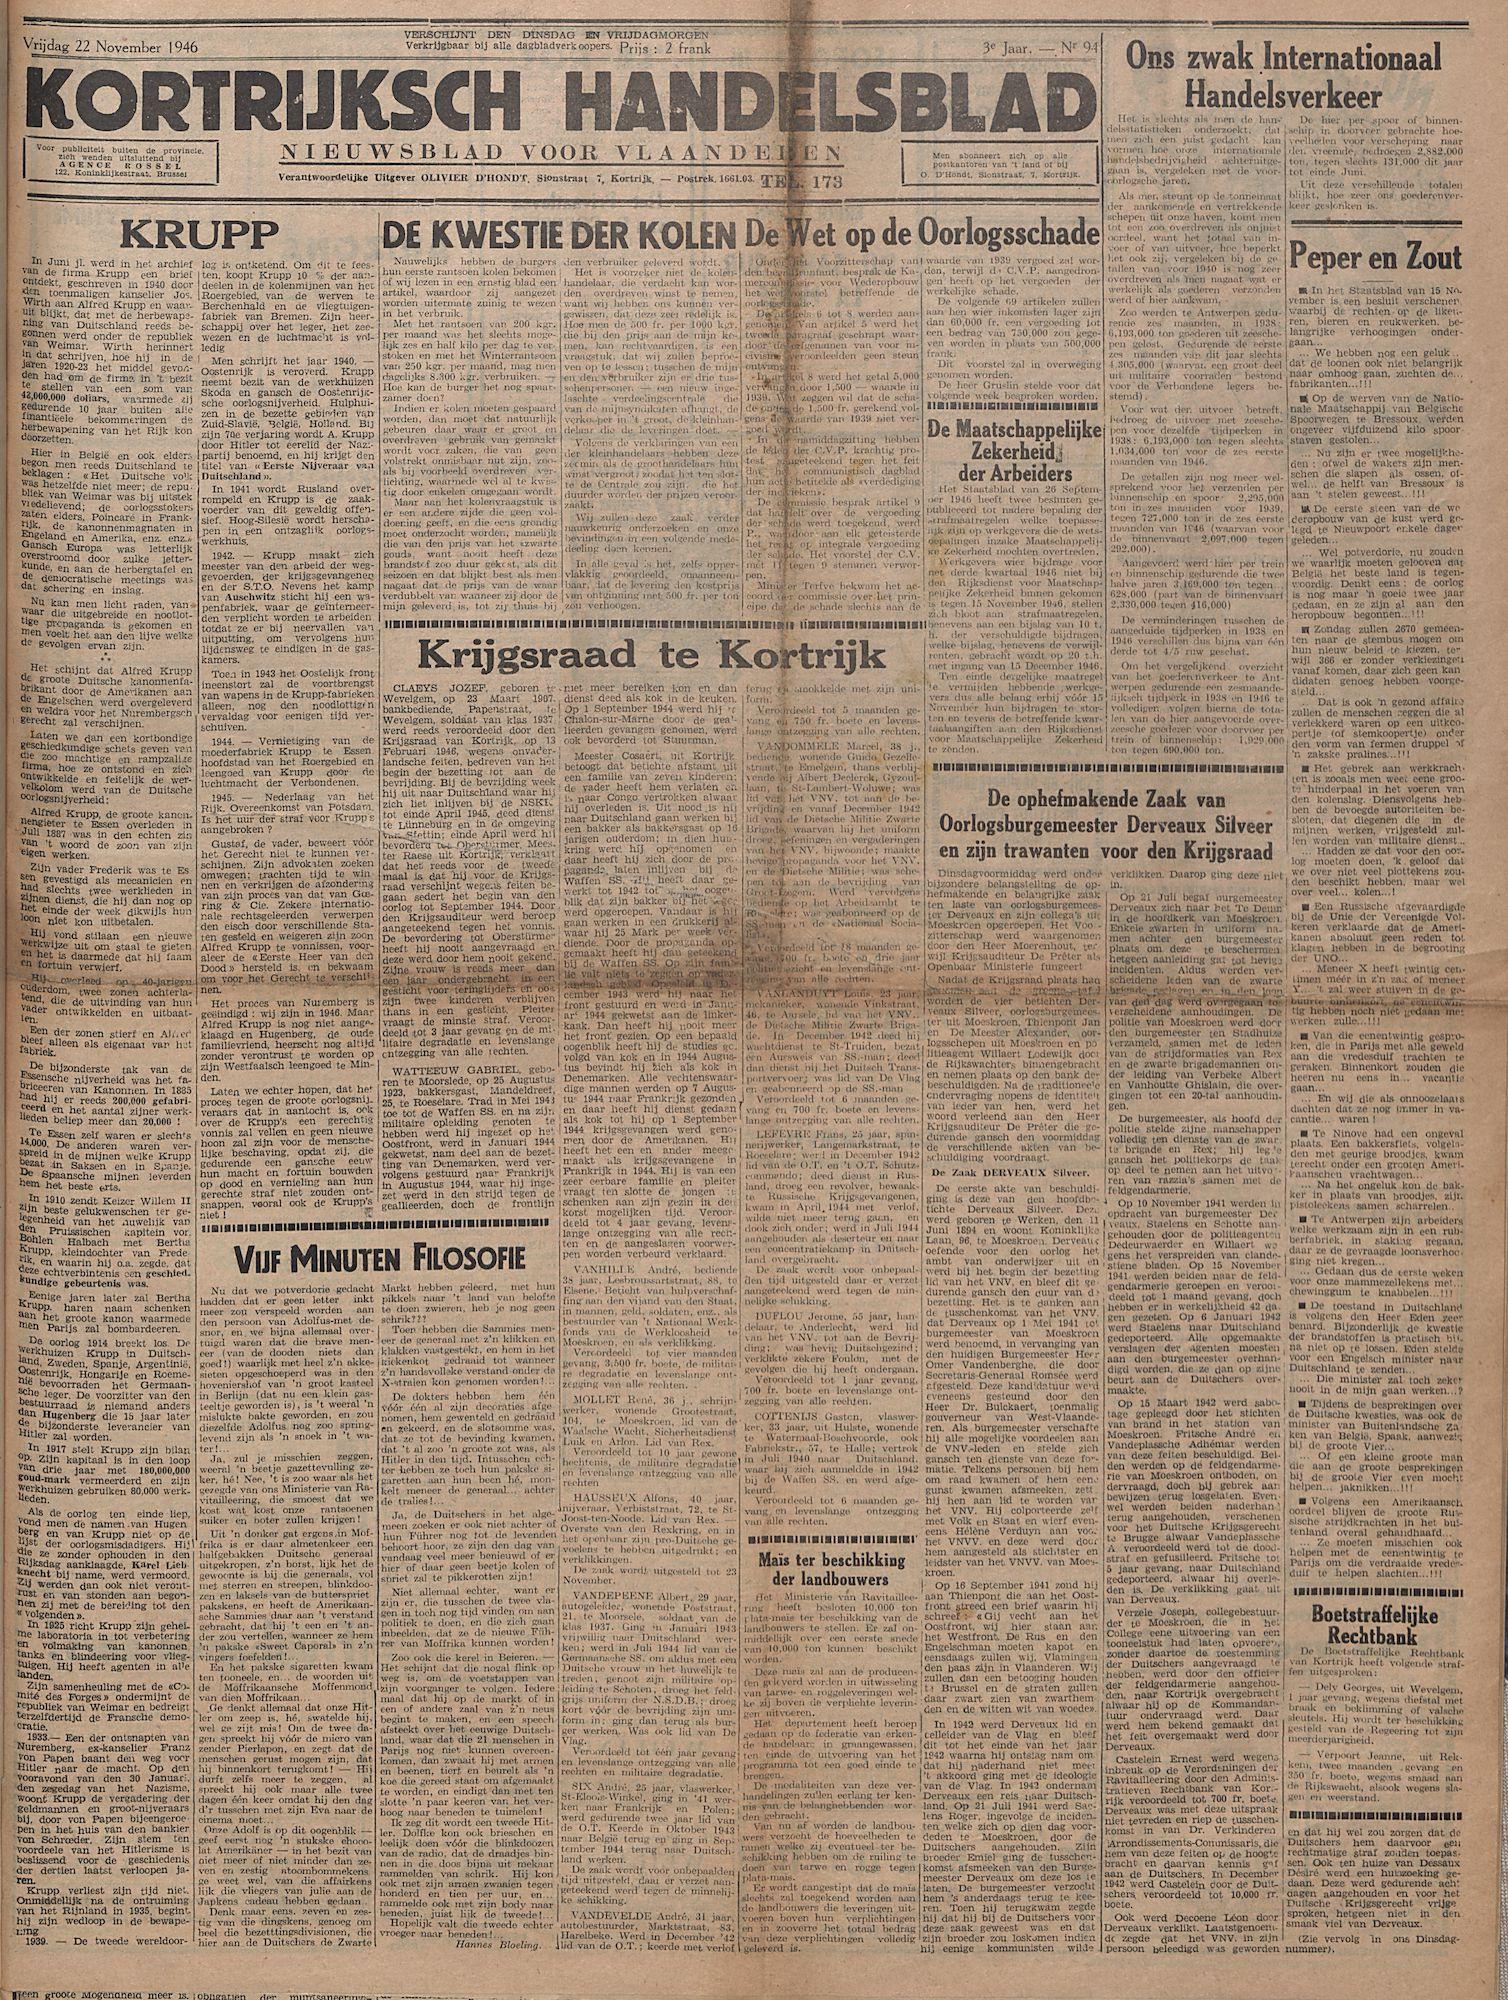 Kortrijksch Handelsblad 22 november 1946 Nr94 p1